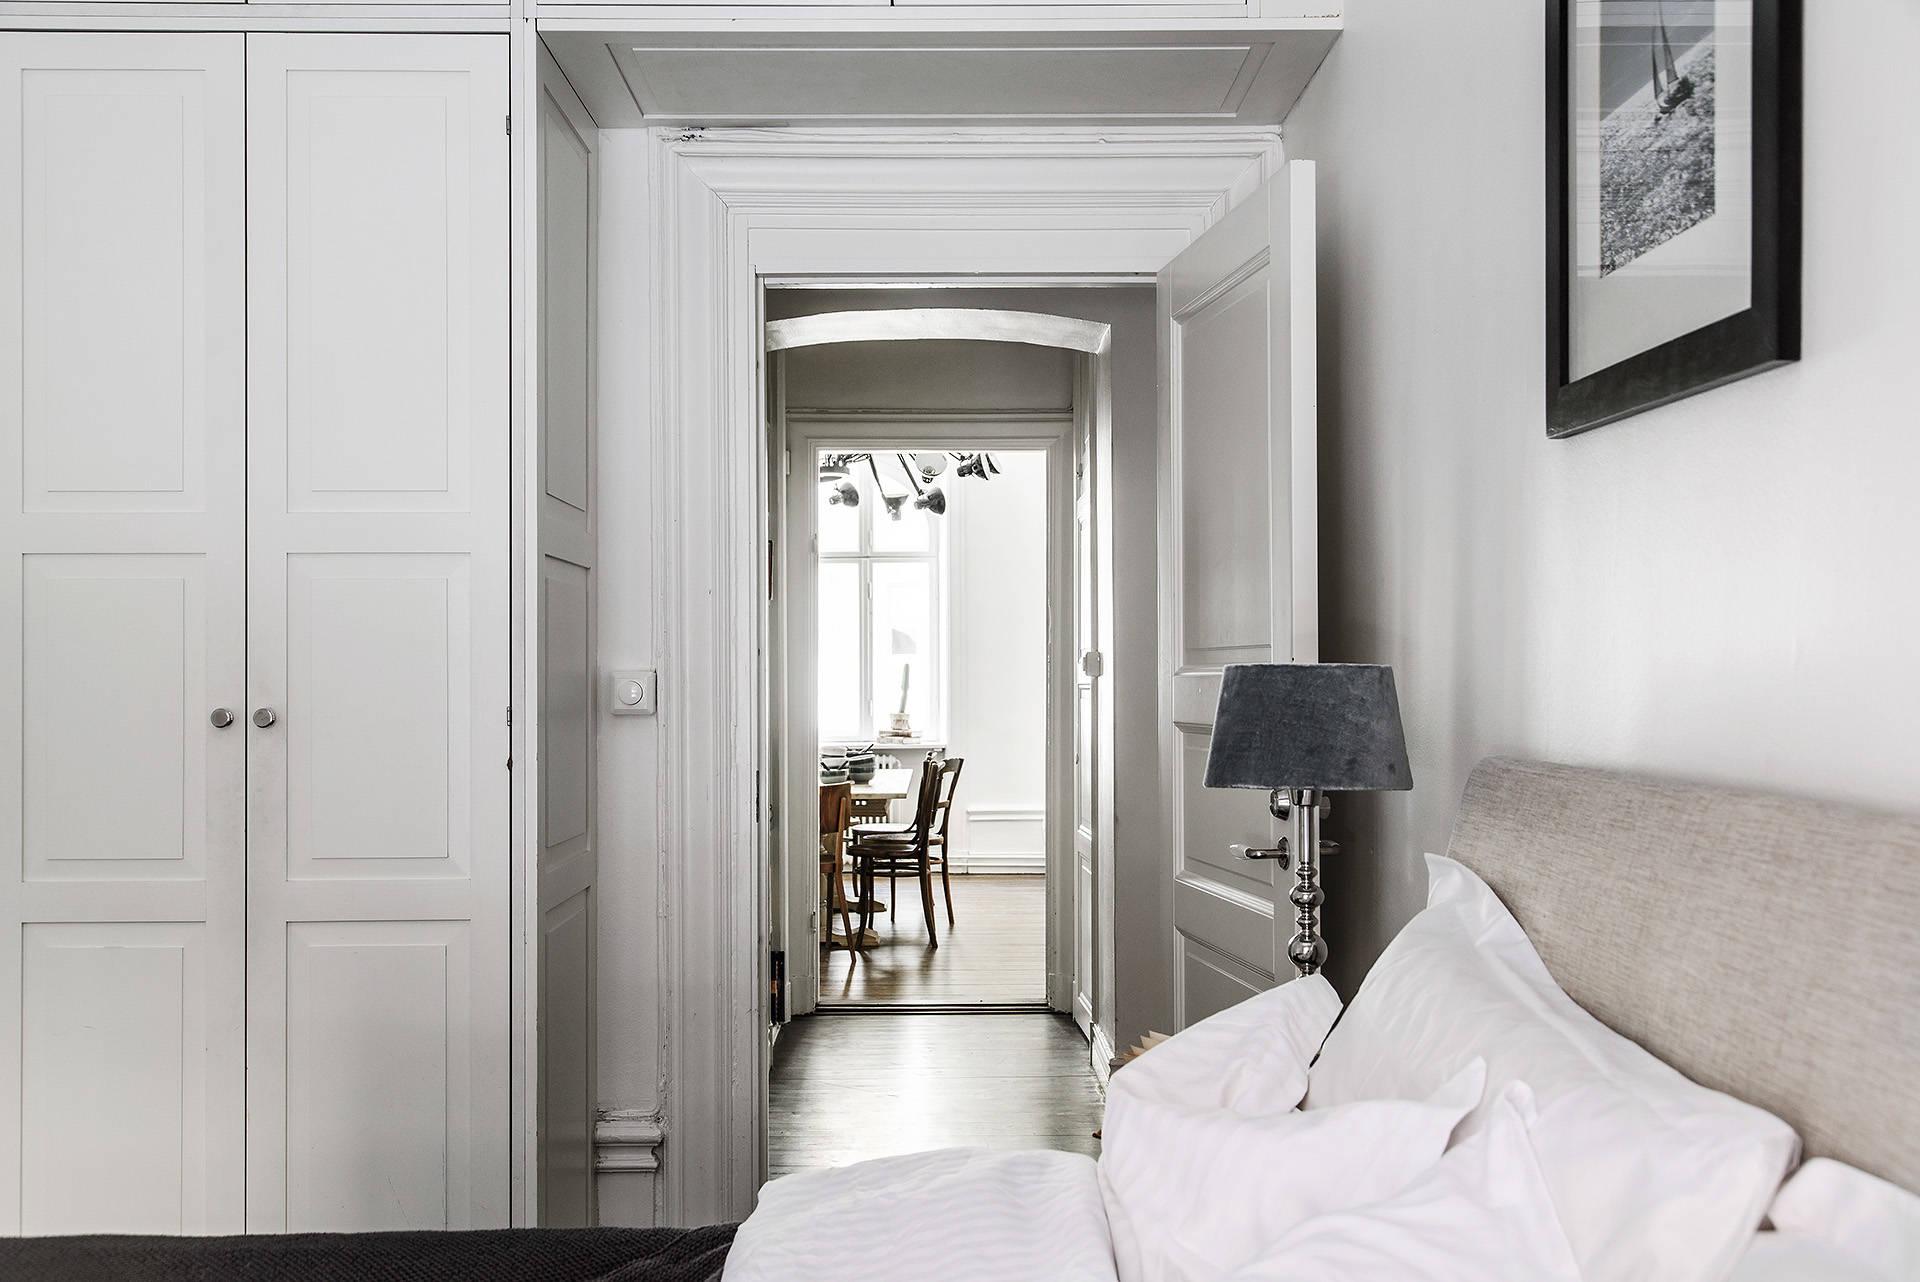 спальня кровать шкаф дверь наличники